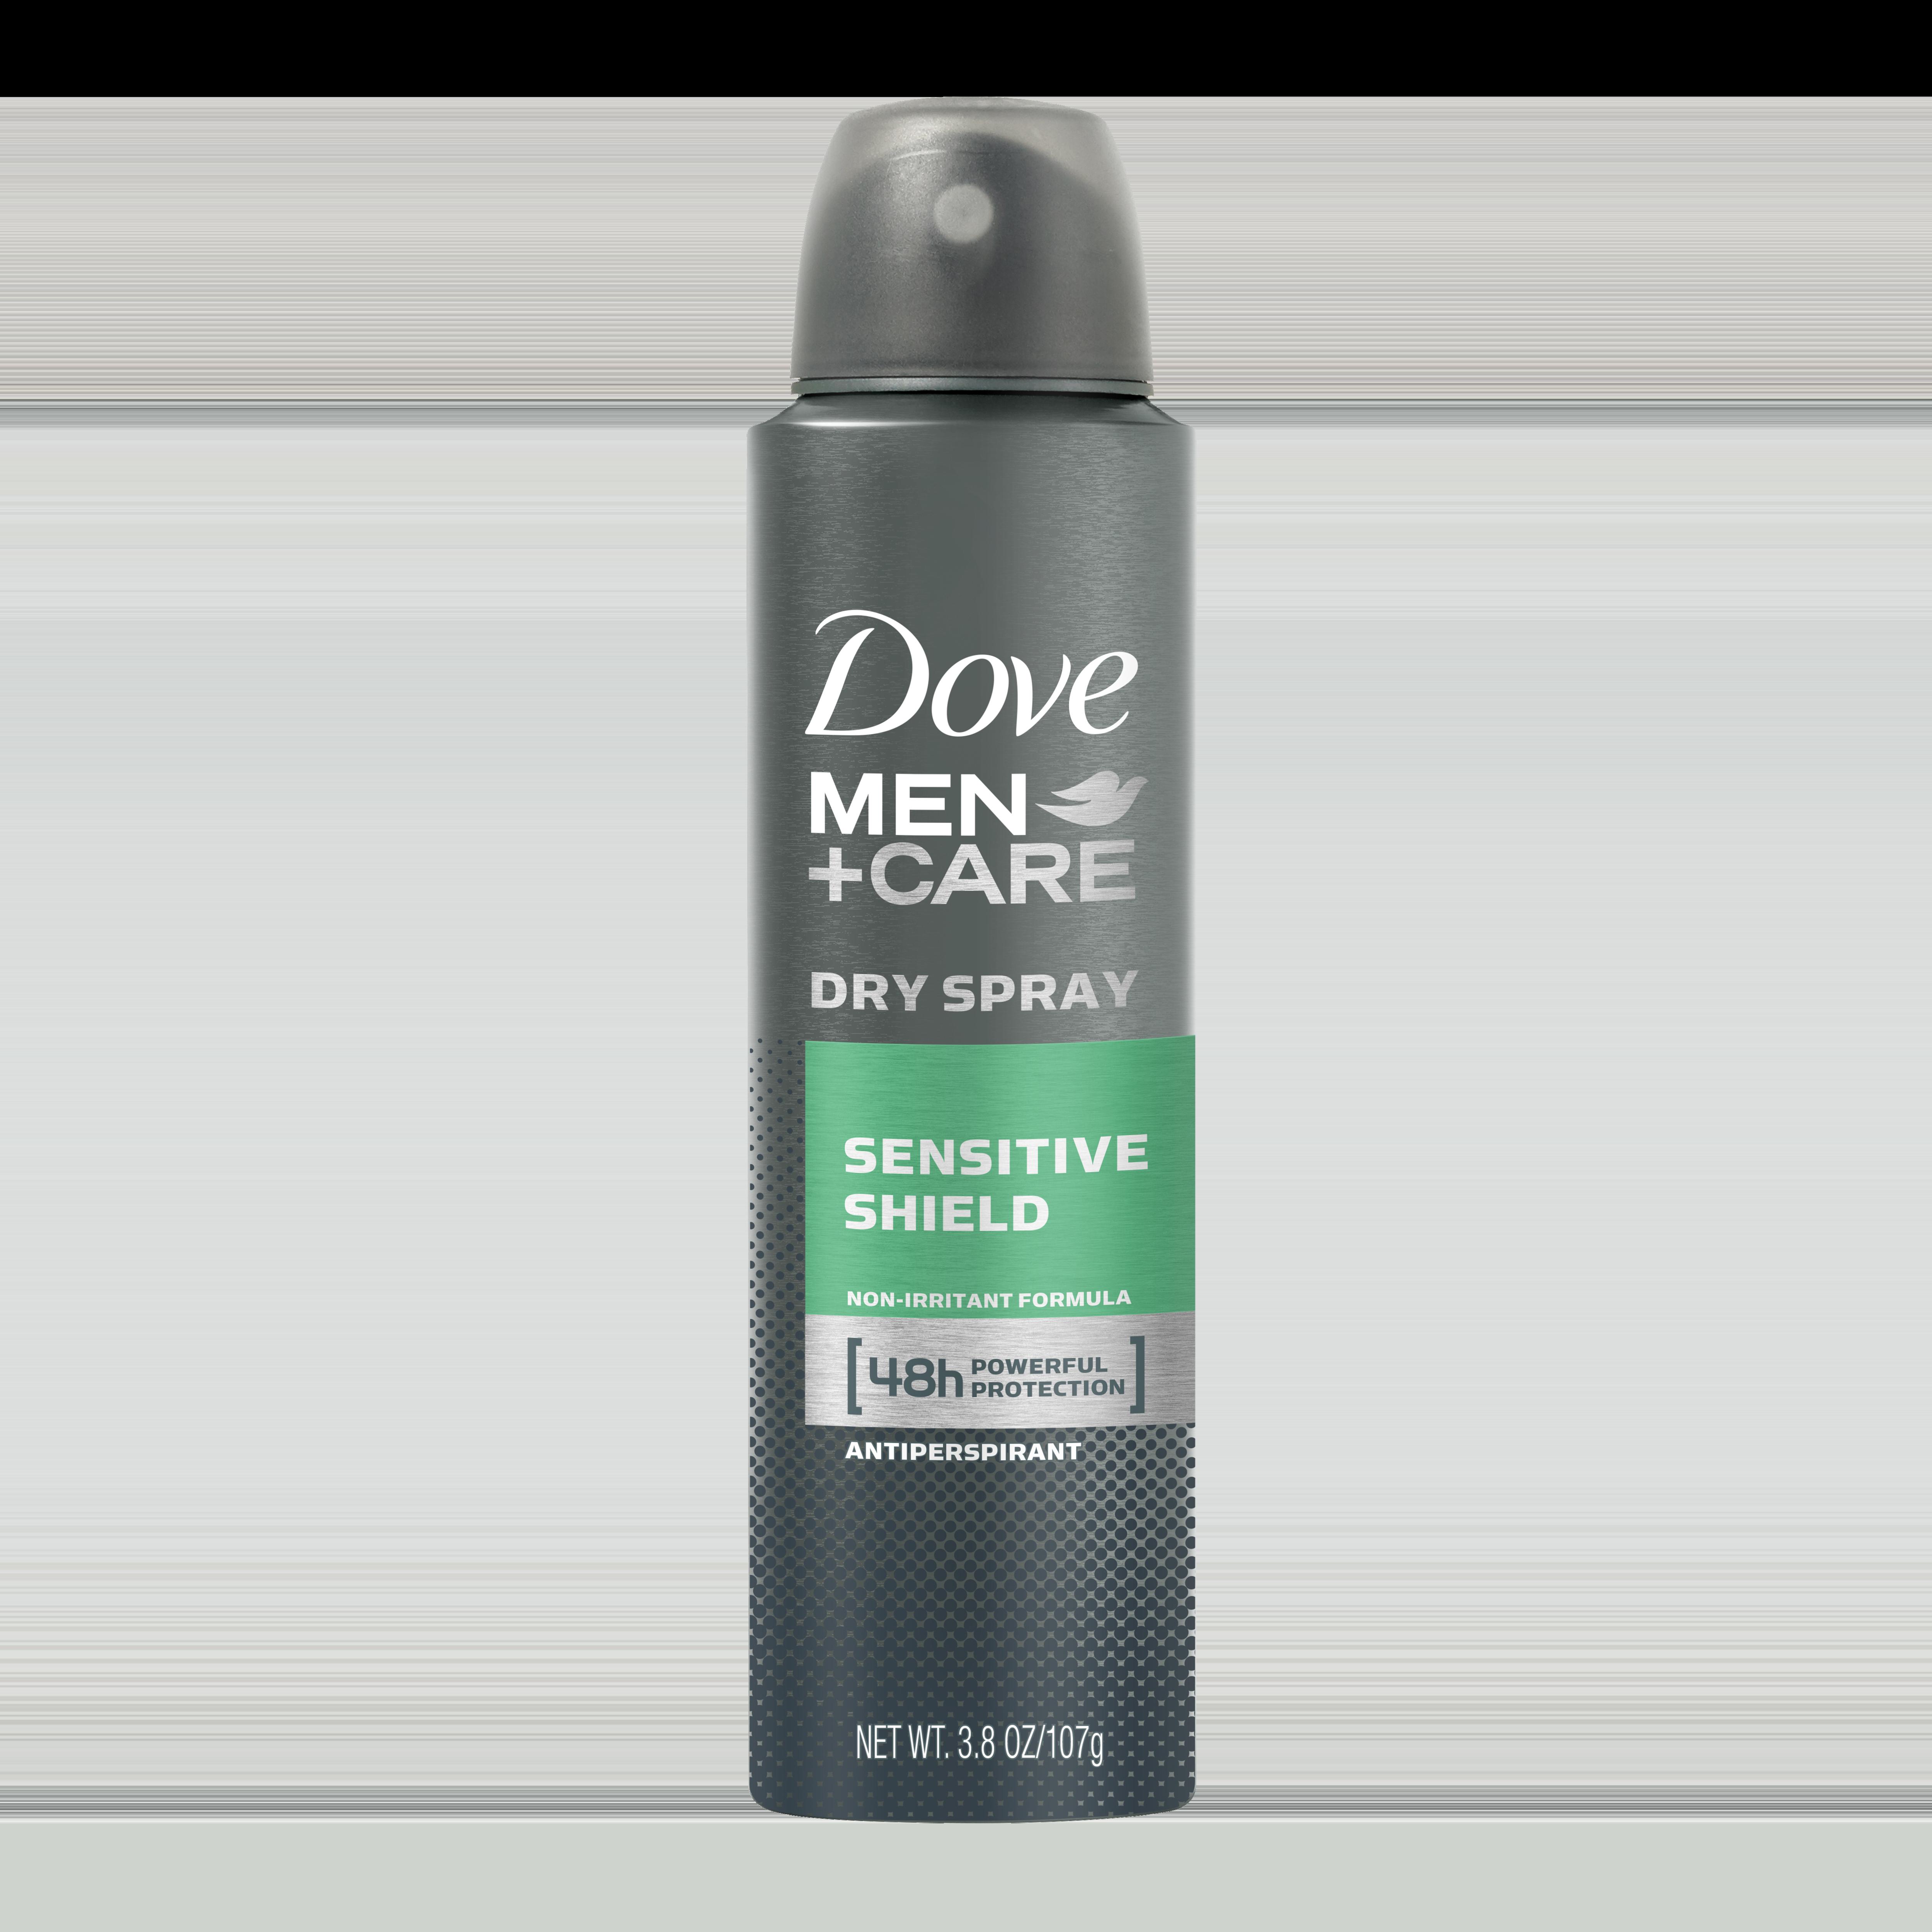 Dove Men Care Sensitive Shield Dry Spray Antiperspirant